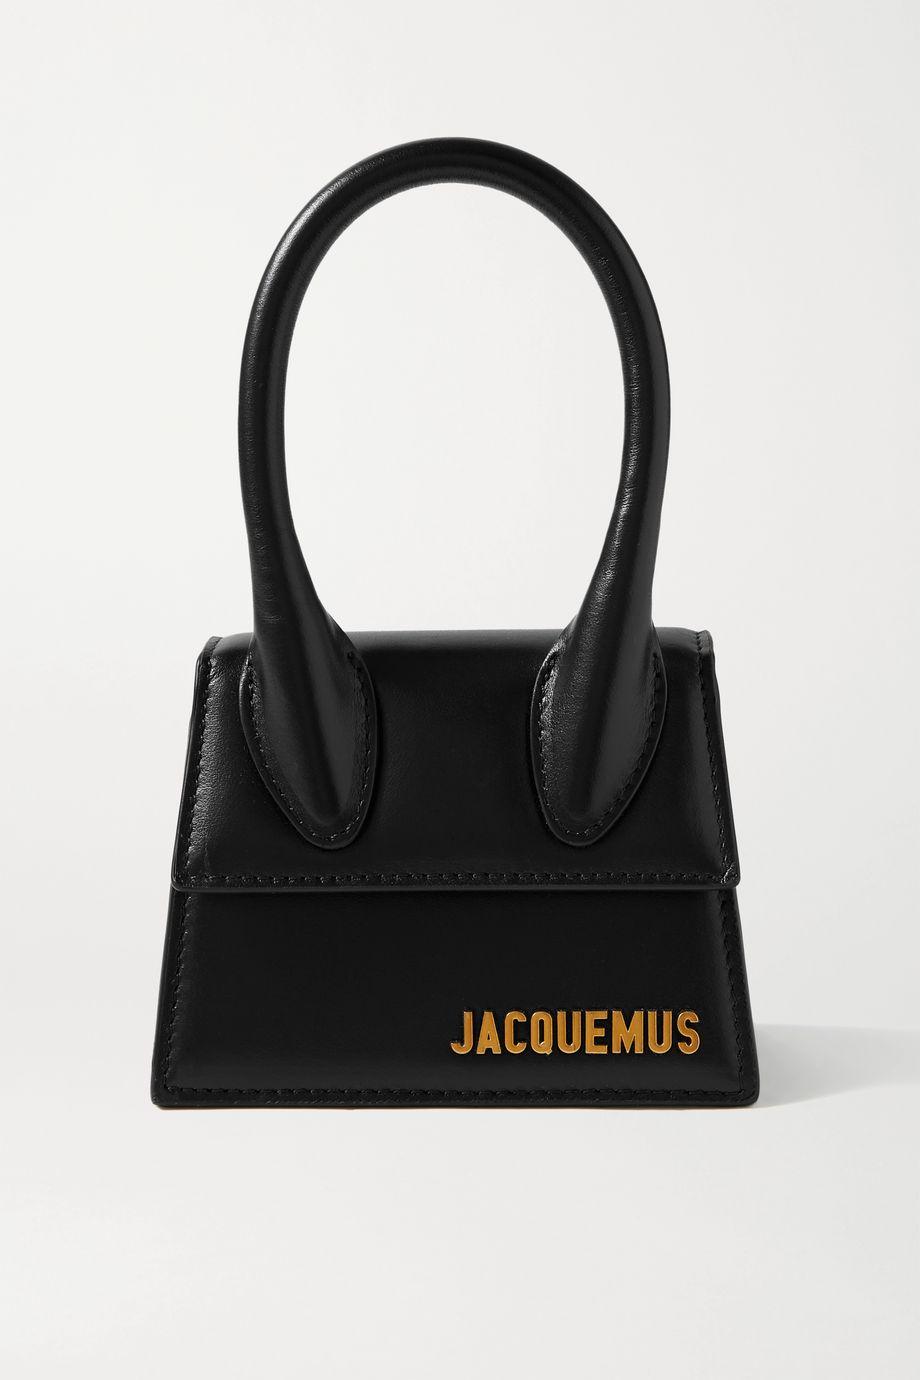 Jacquemus Le Chiquito mini Tote aus Leder